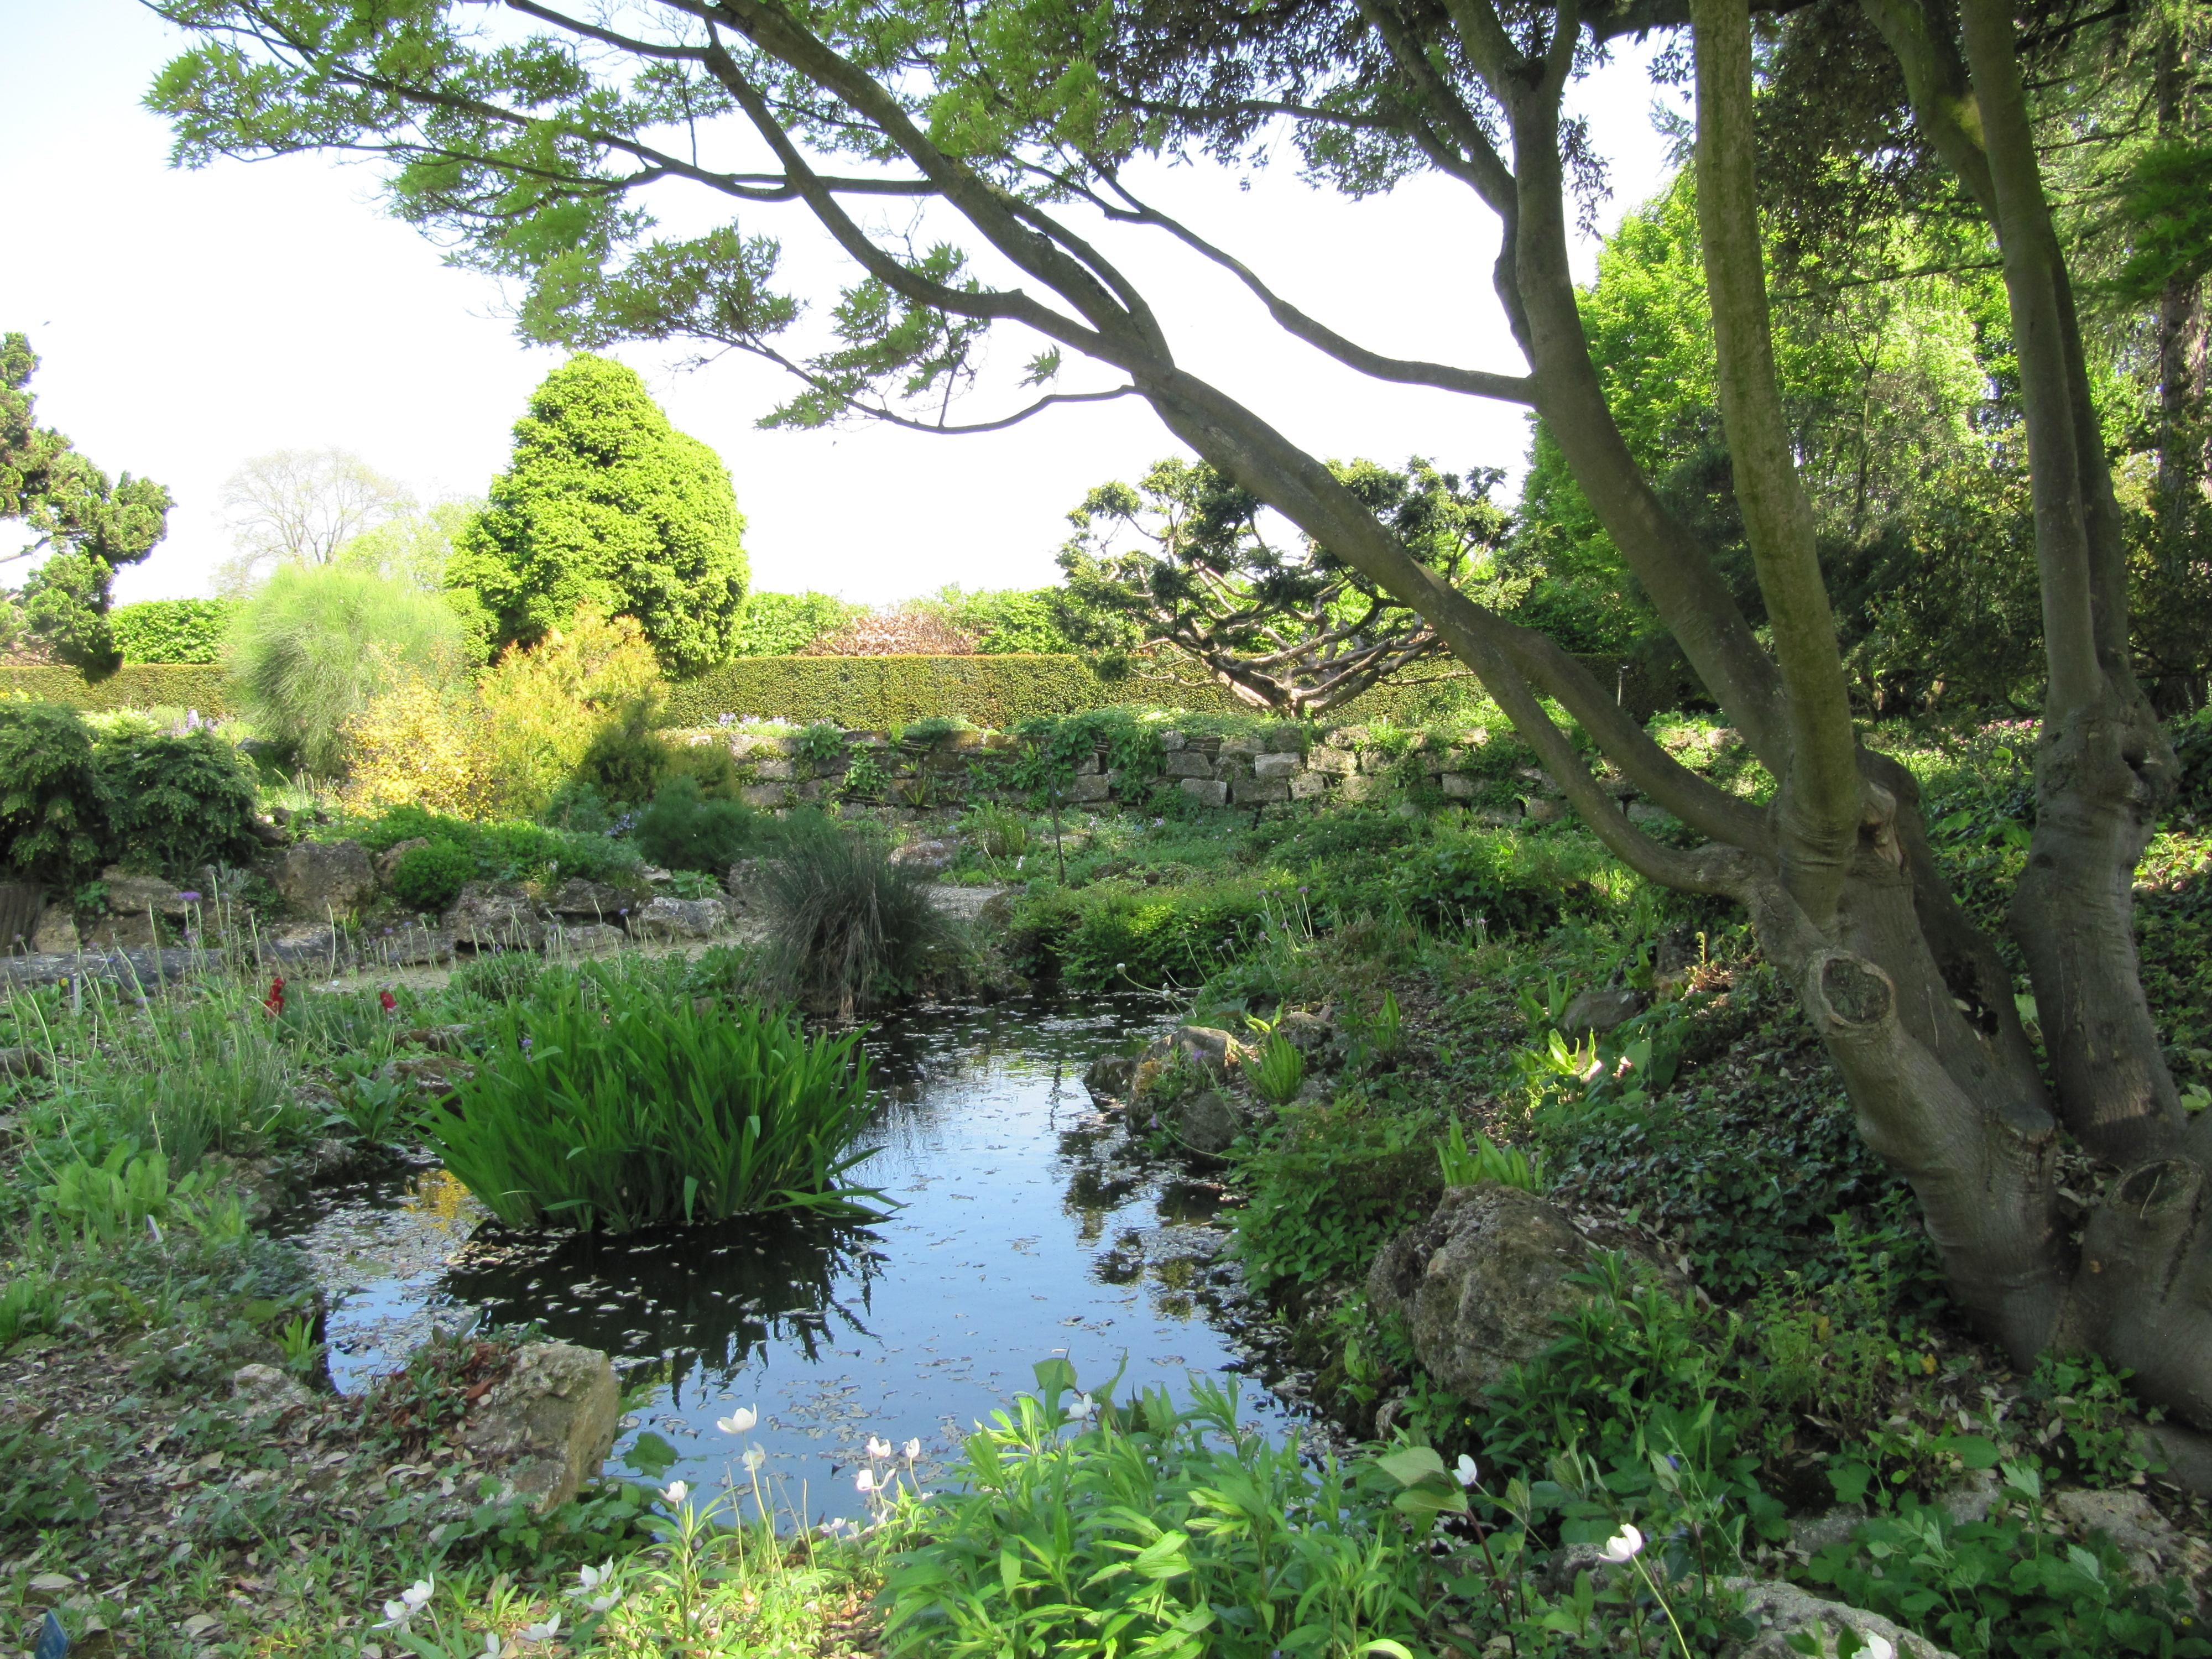 L cole du breuil nouvel espace vert public visite for Visiter les jardins anglais